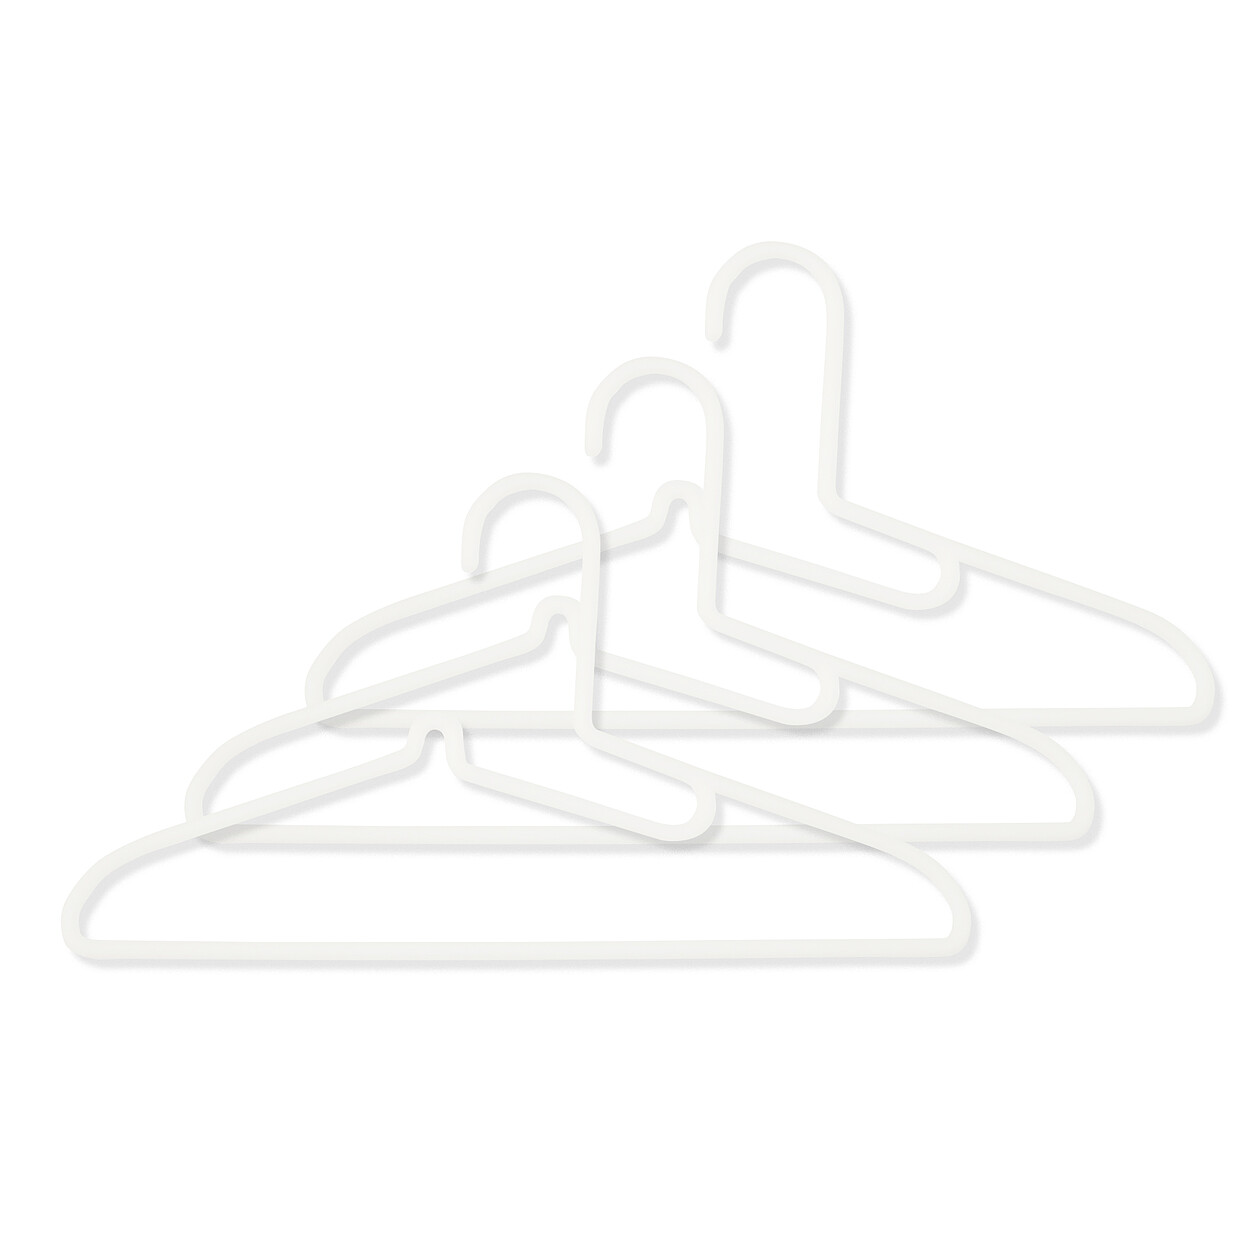 ポリプロピレン洗濯用ハンガー・シャツ用・3本組の写真